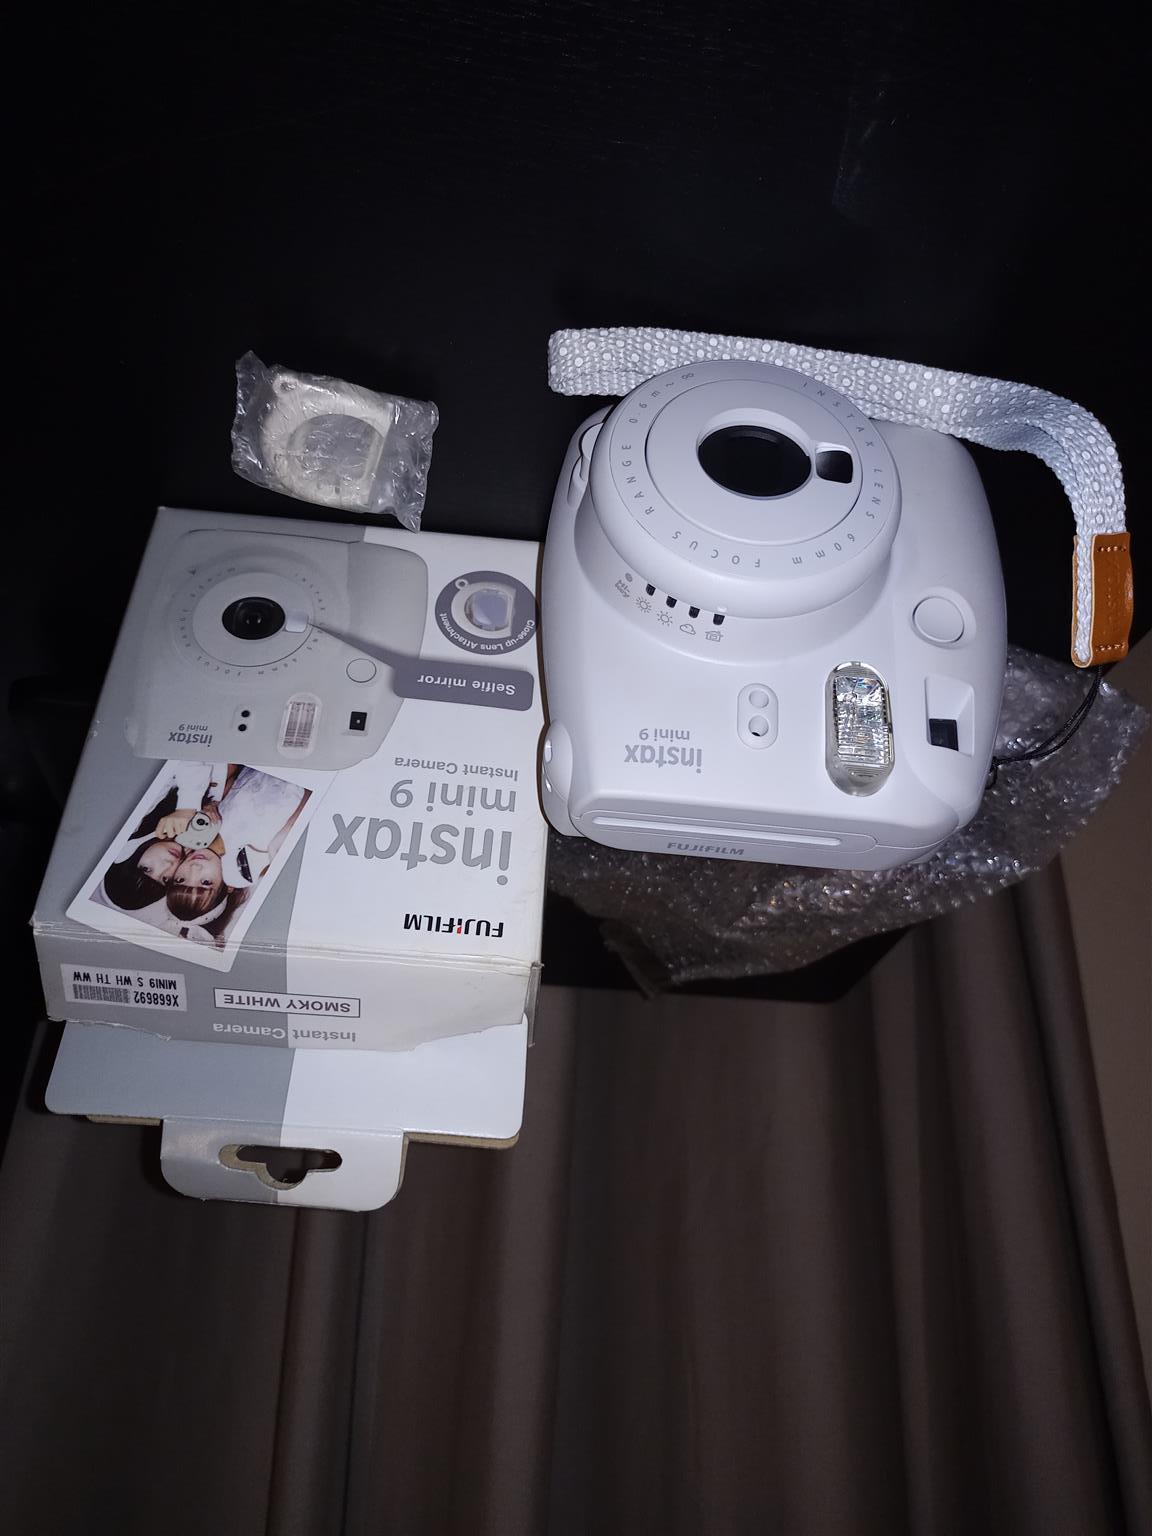 Fujifilm Instax Mini 9 Instant Camera For Sale